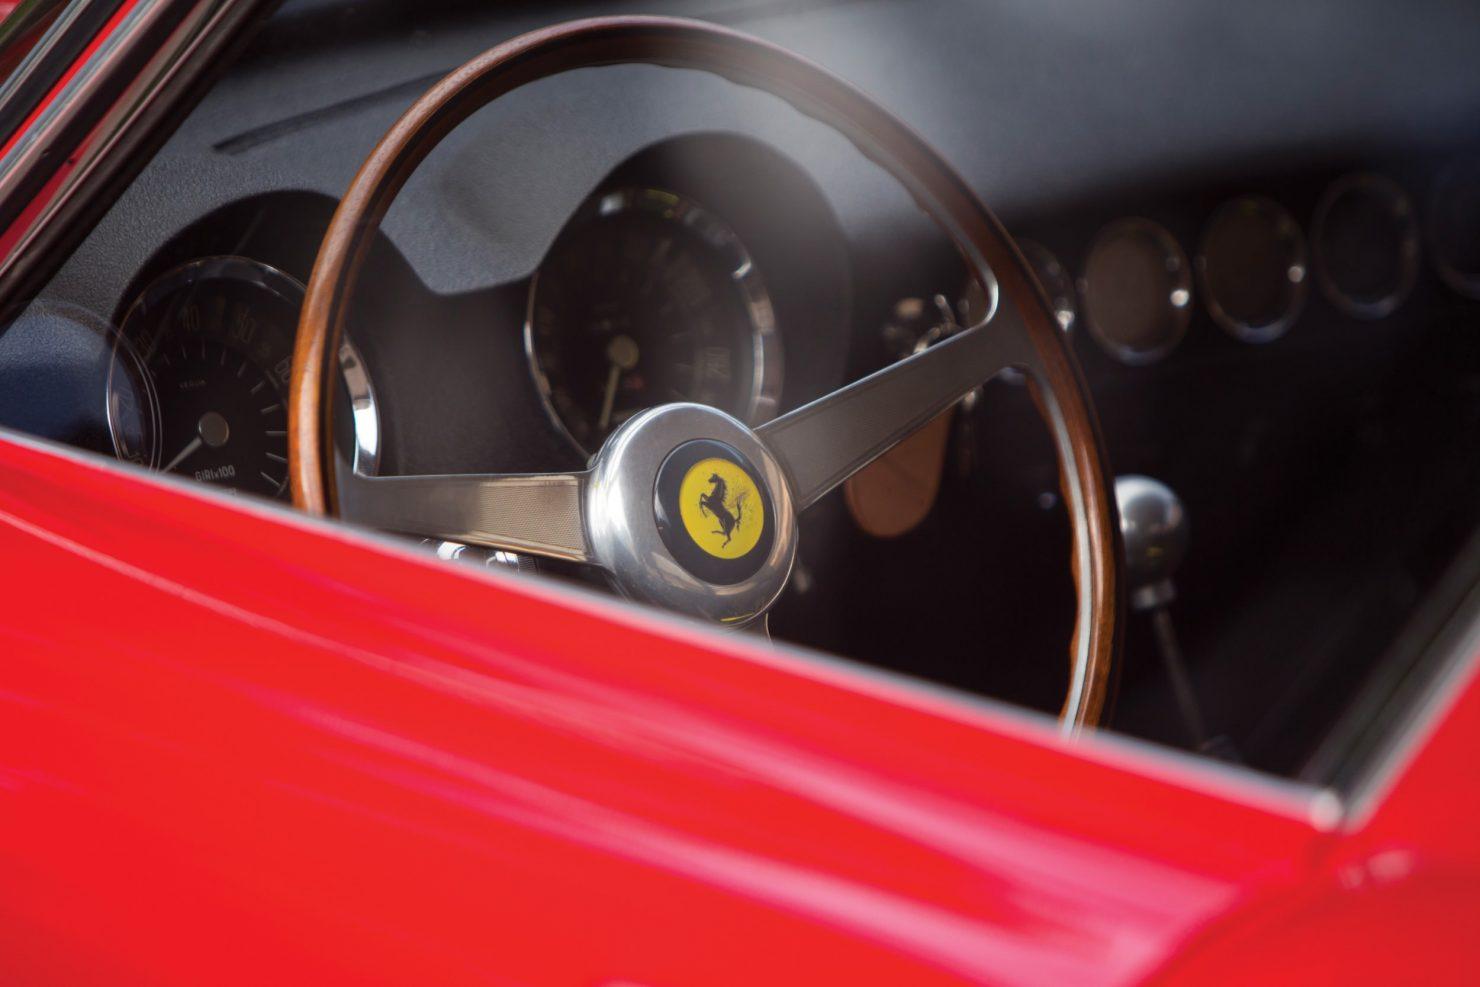 ferrari 250 gt swb car 12 1480x987 - 1960 Ferrari 250 GT SWB Competizione